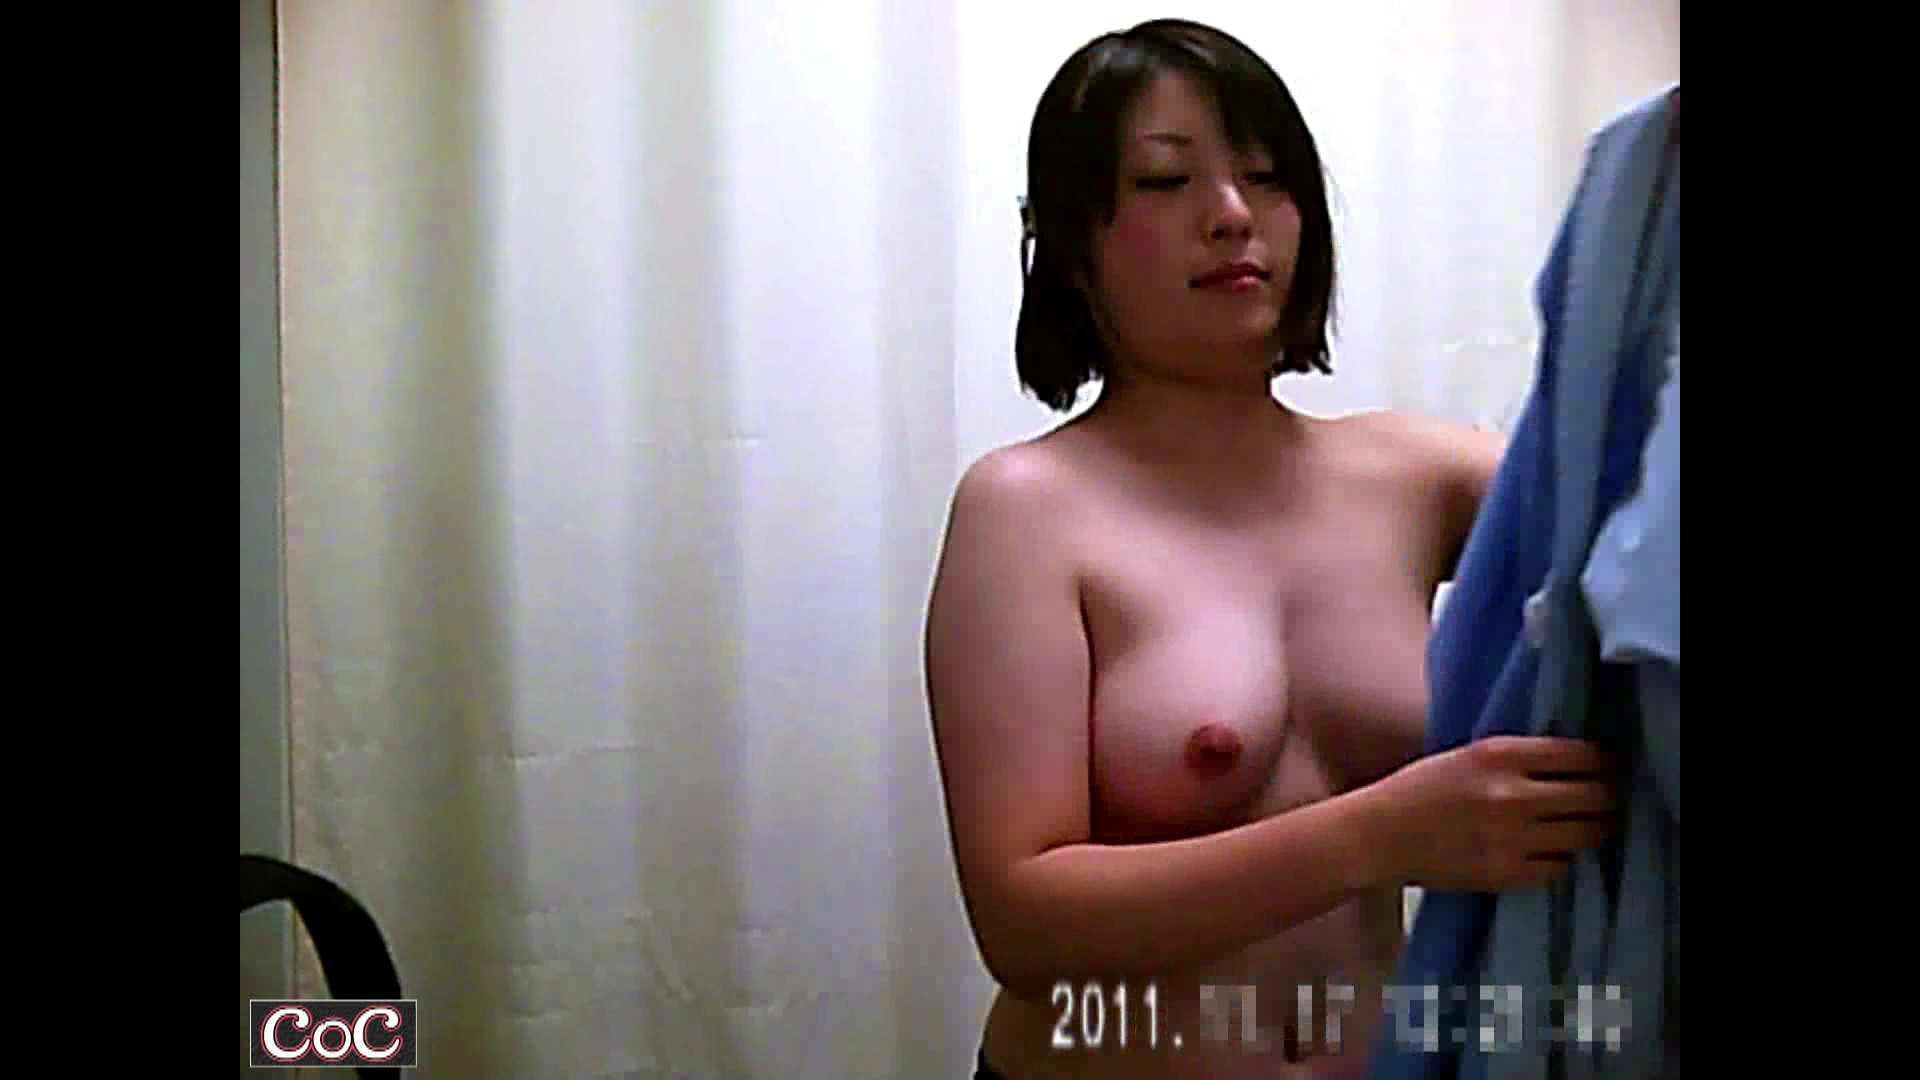 元医者による反抗 更衣室地獄絵巻 vol.200 OL  91pic 18